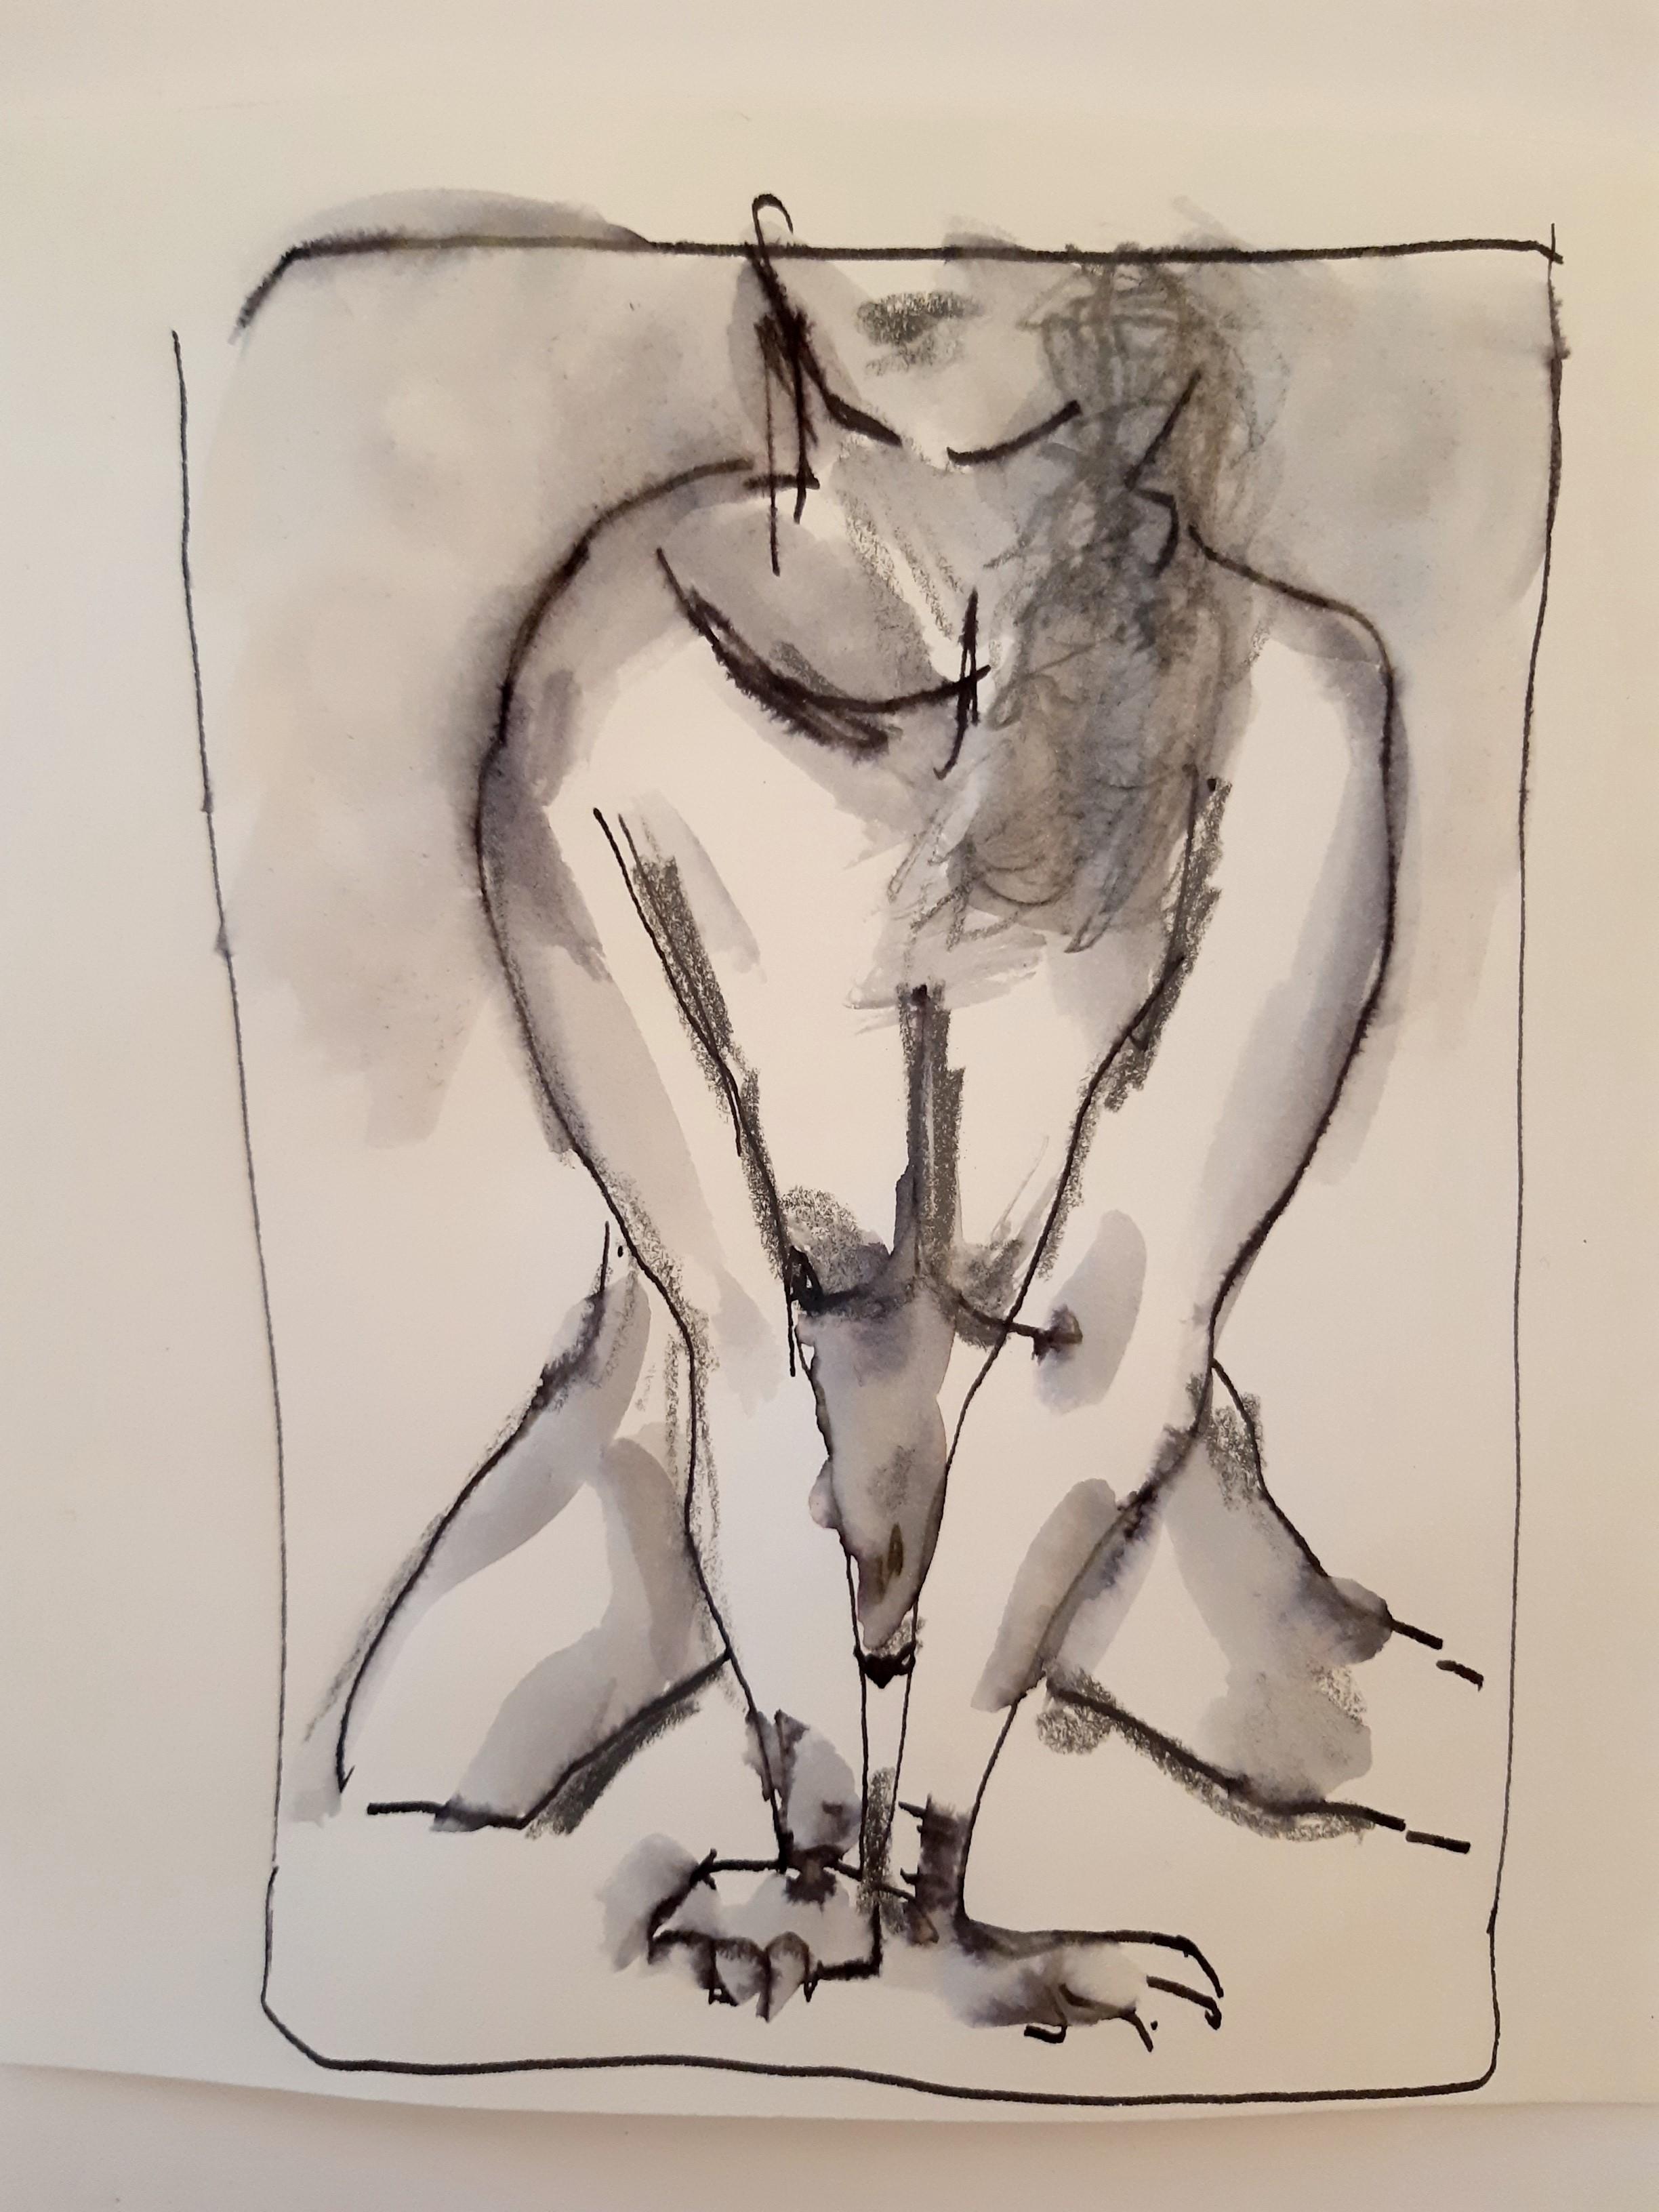 Technique mixte feutre aquarelle crayon de papier dessin femme face assise  cours de dessin